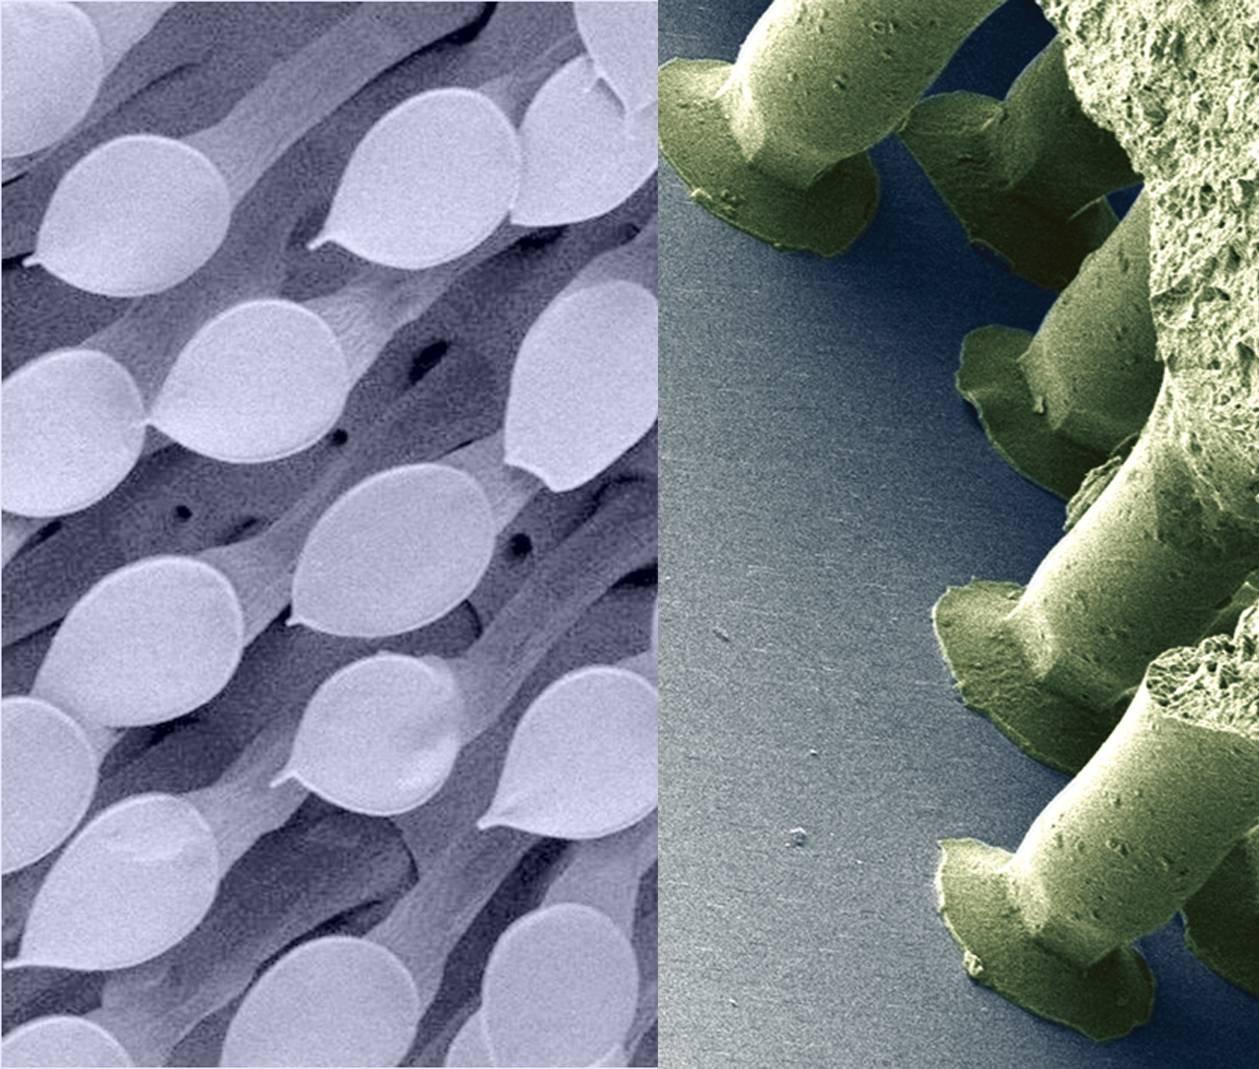 Rasterelektronenmikroskopische Aufnahmen von pilzkopfförmigen Haftstrukturen eines männlichen Blattkäfers (li.) und des Gecko®-Tapes (re.), dessen Haftelemente denen des Käfers nachempfunden sind.